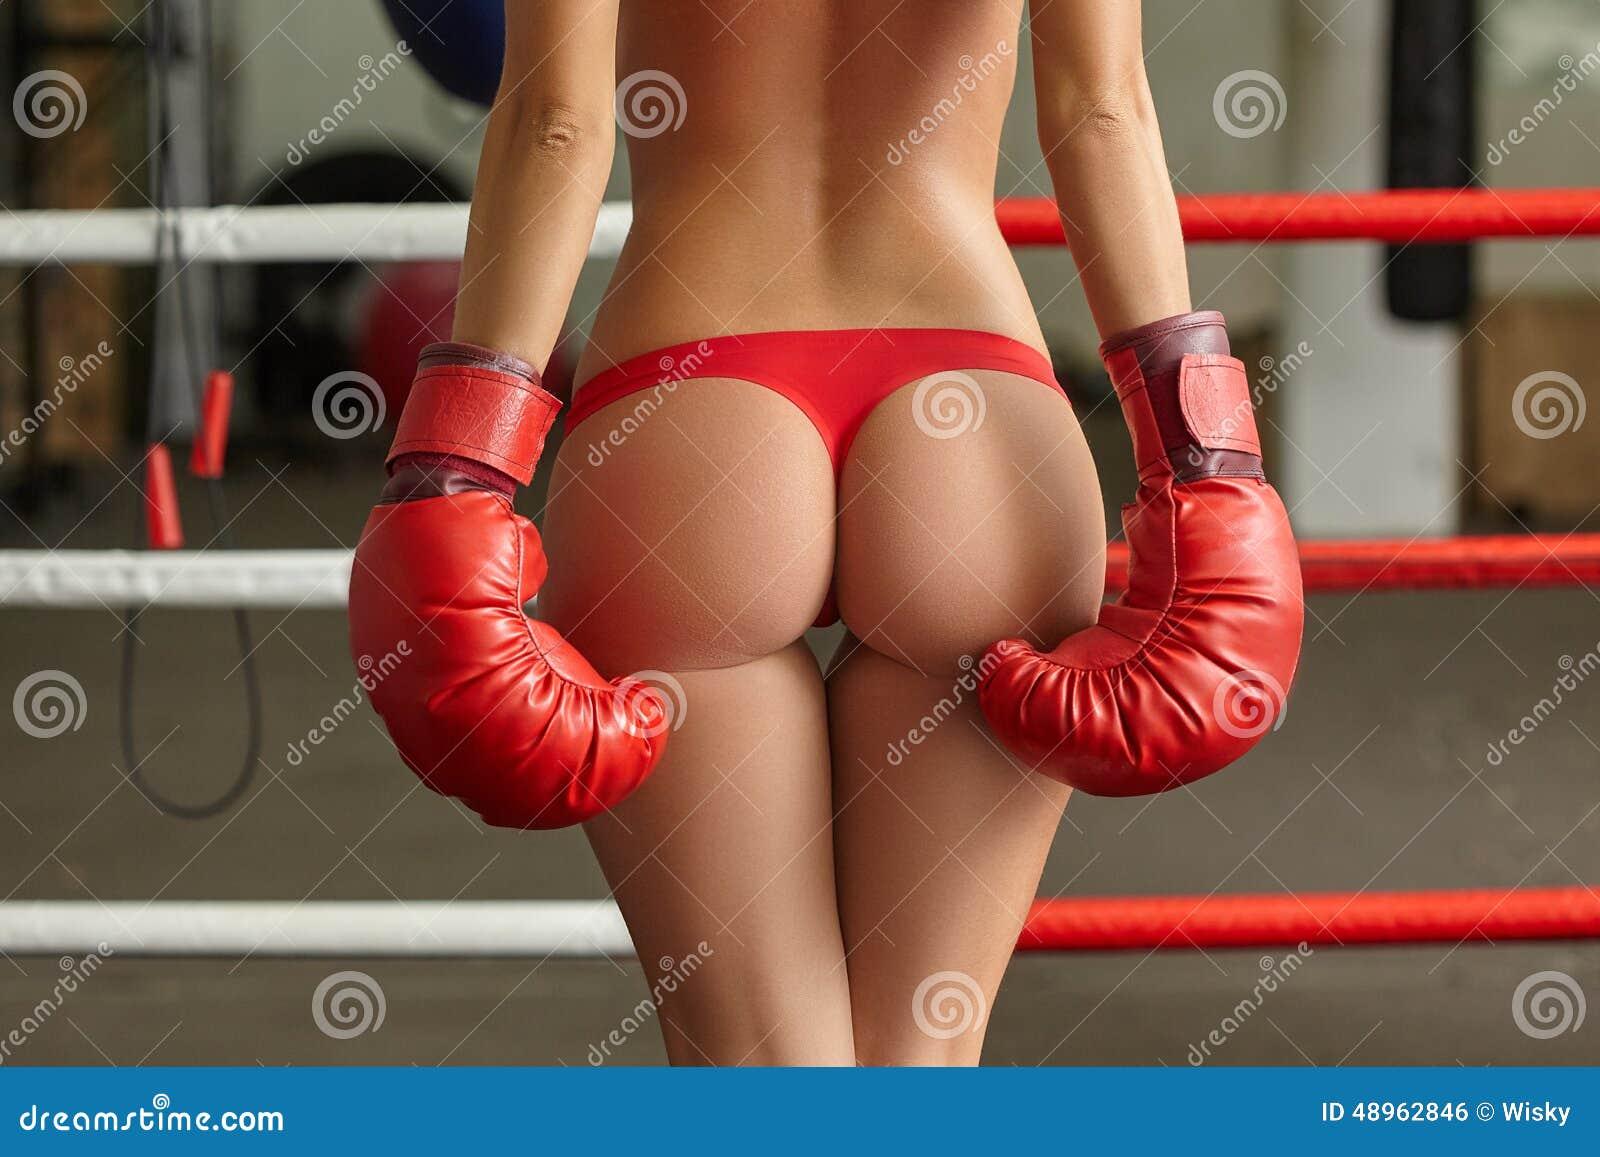 Boxer Ass 101